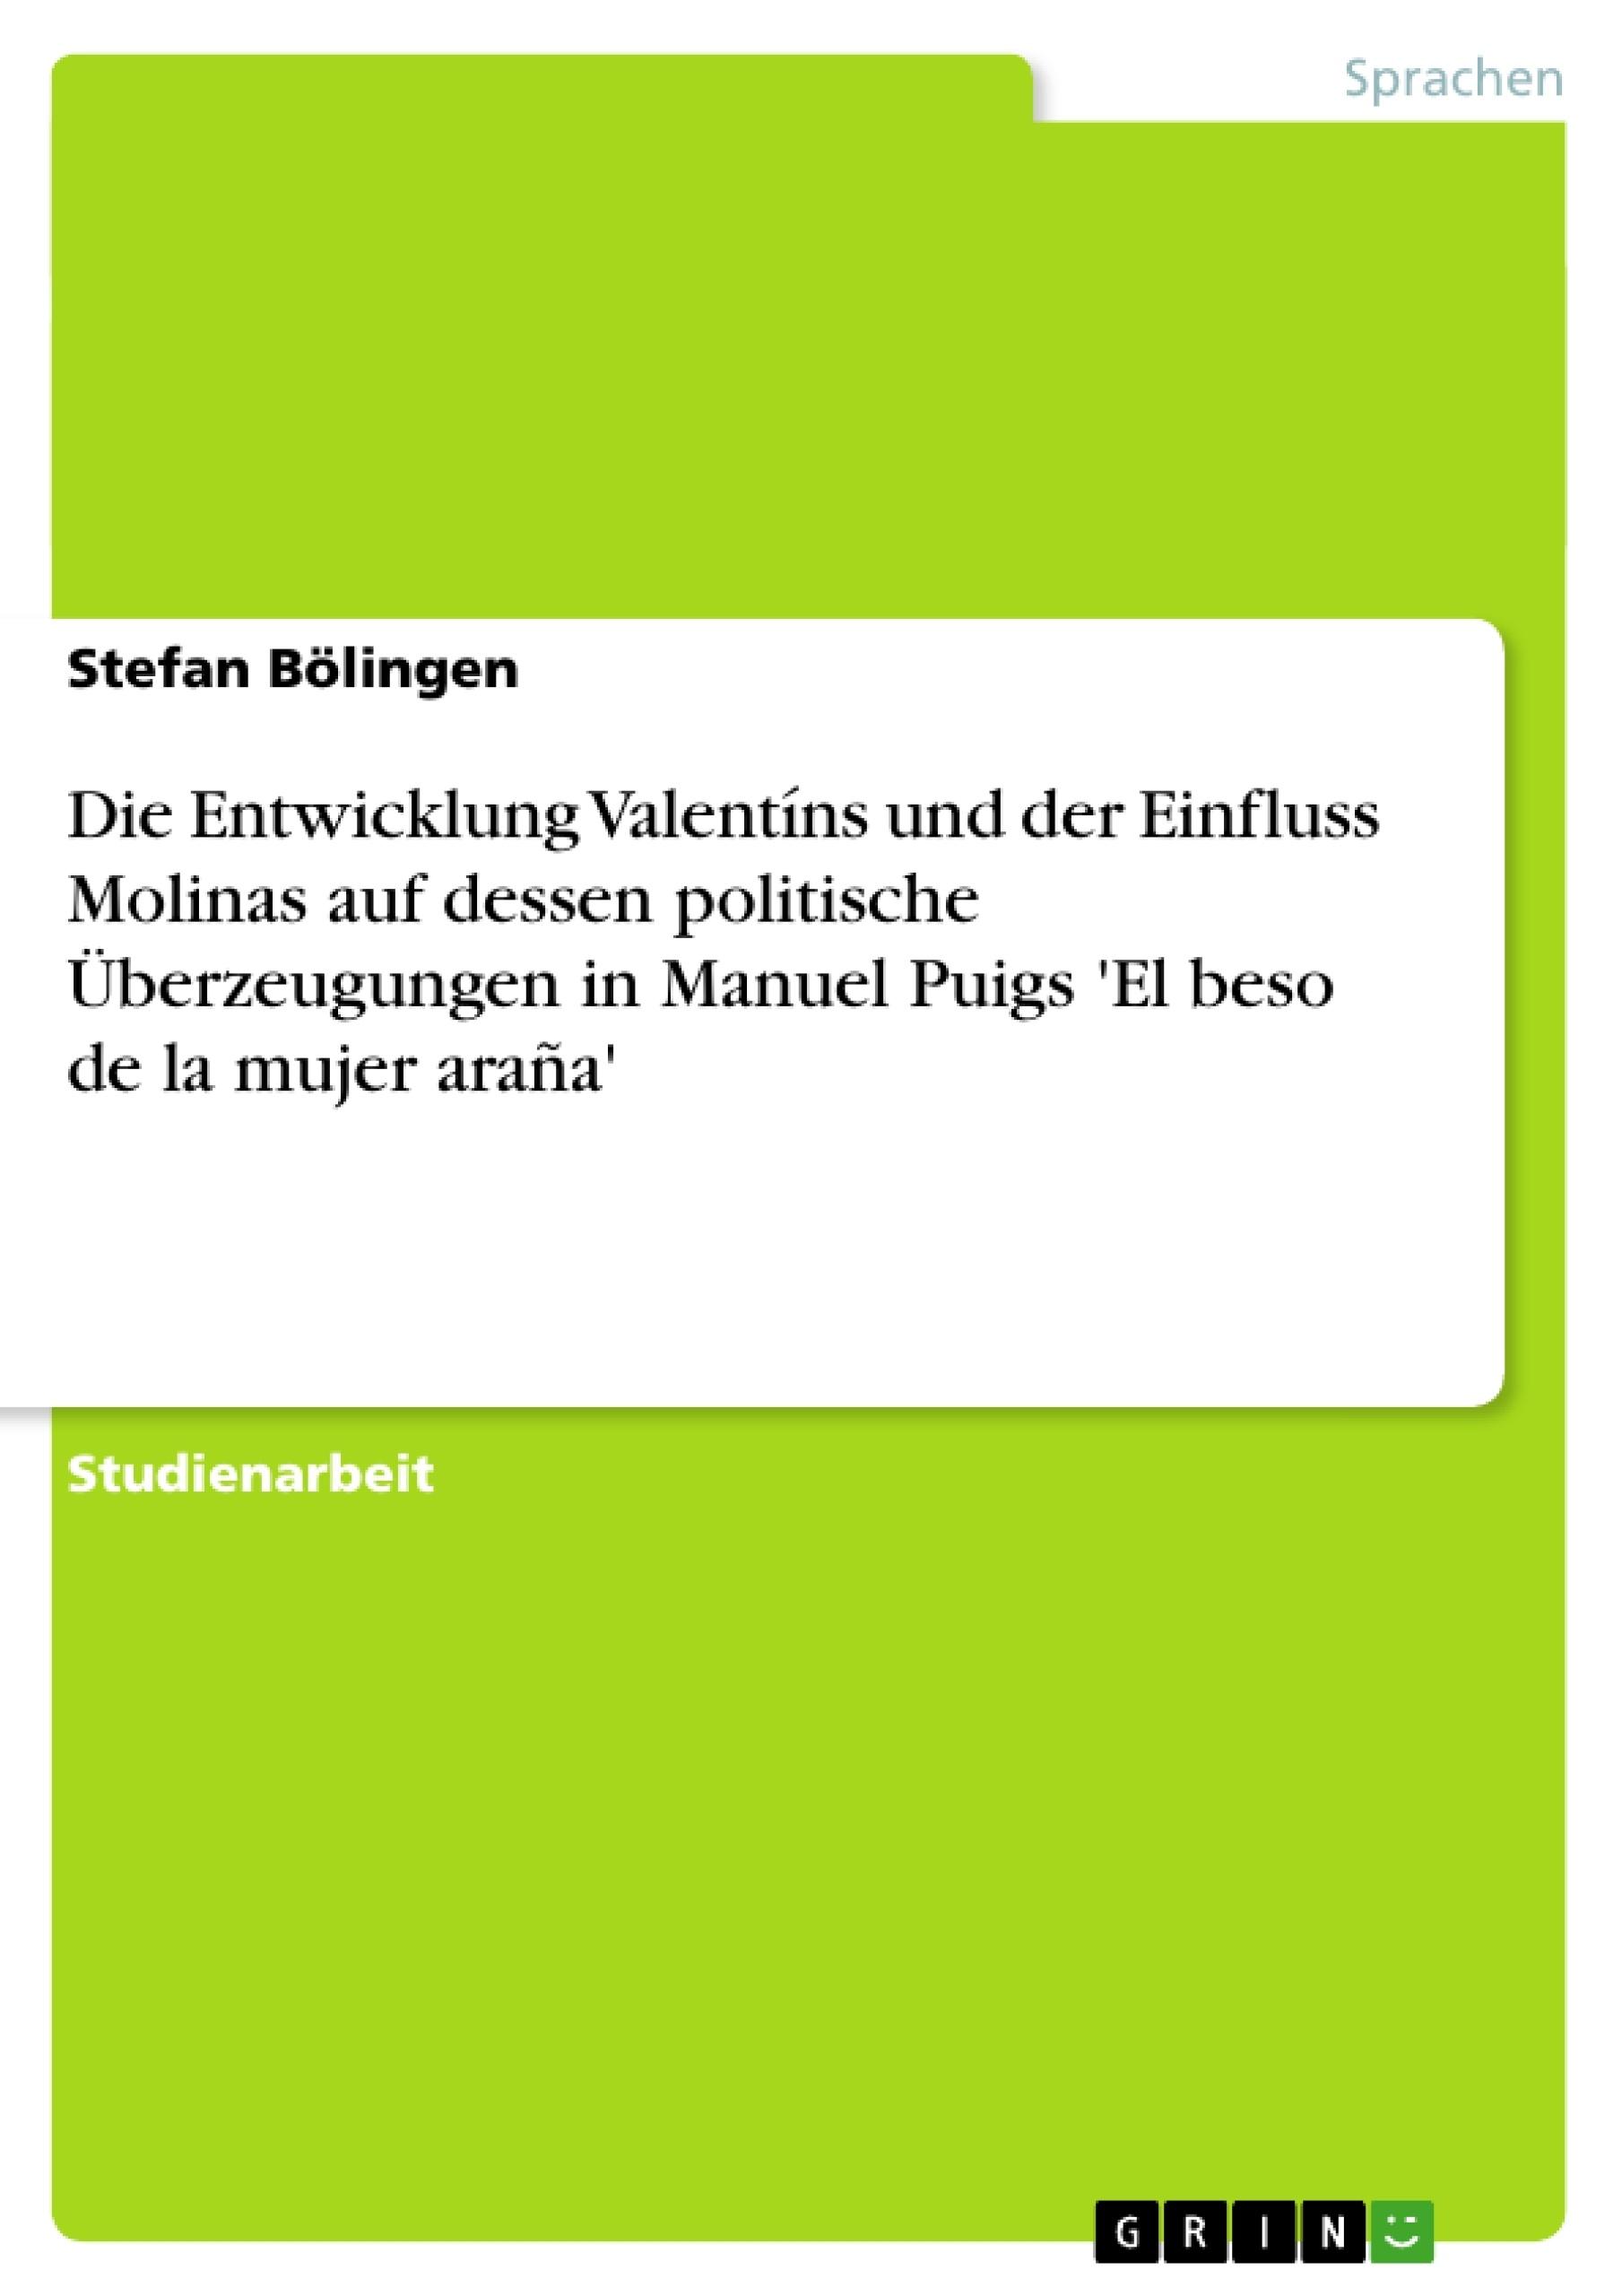 Titel: Die Entwicklung Valentíns und der Einfluss Molinas auf dessen politische Überzeugungen in Manuel Puigs 'El beso de la mujer araña'